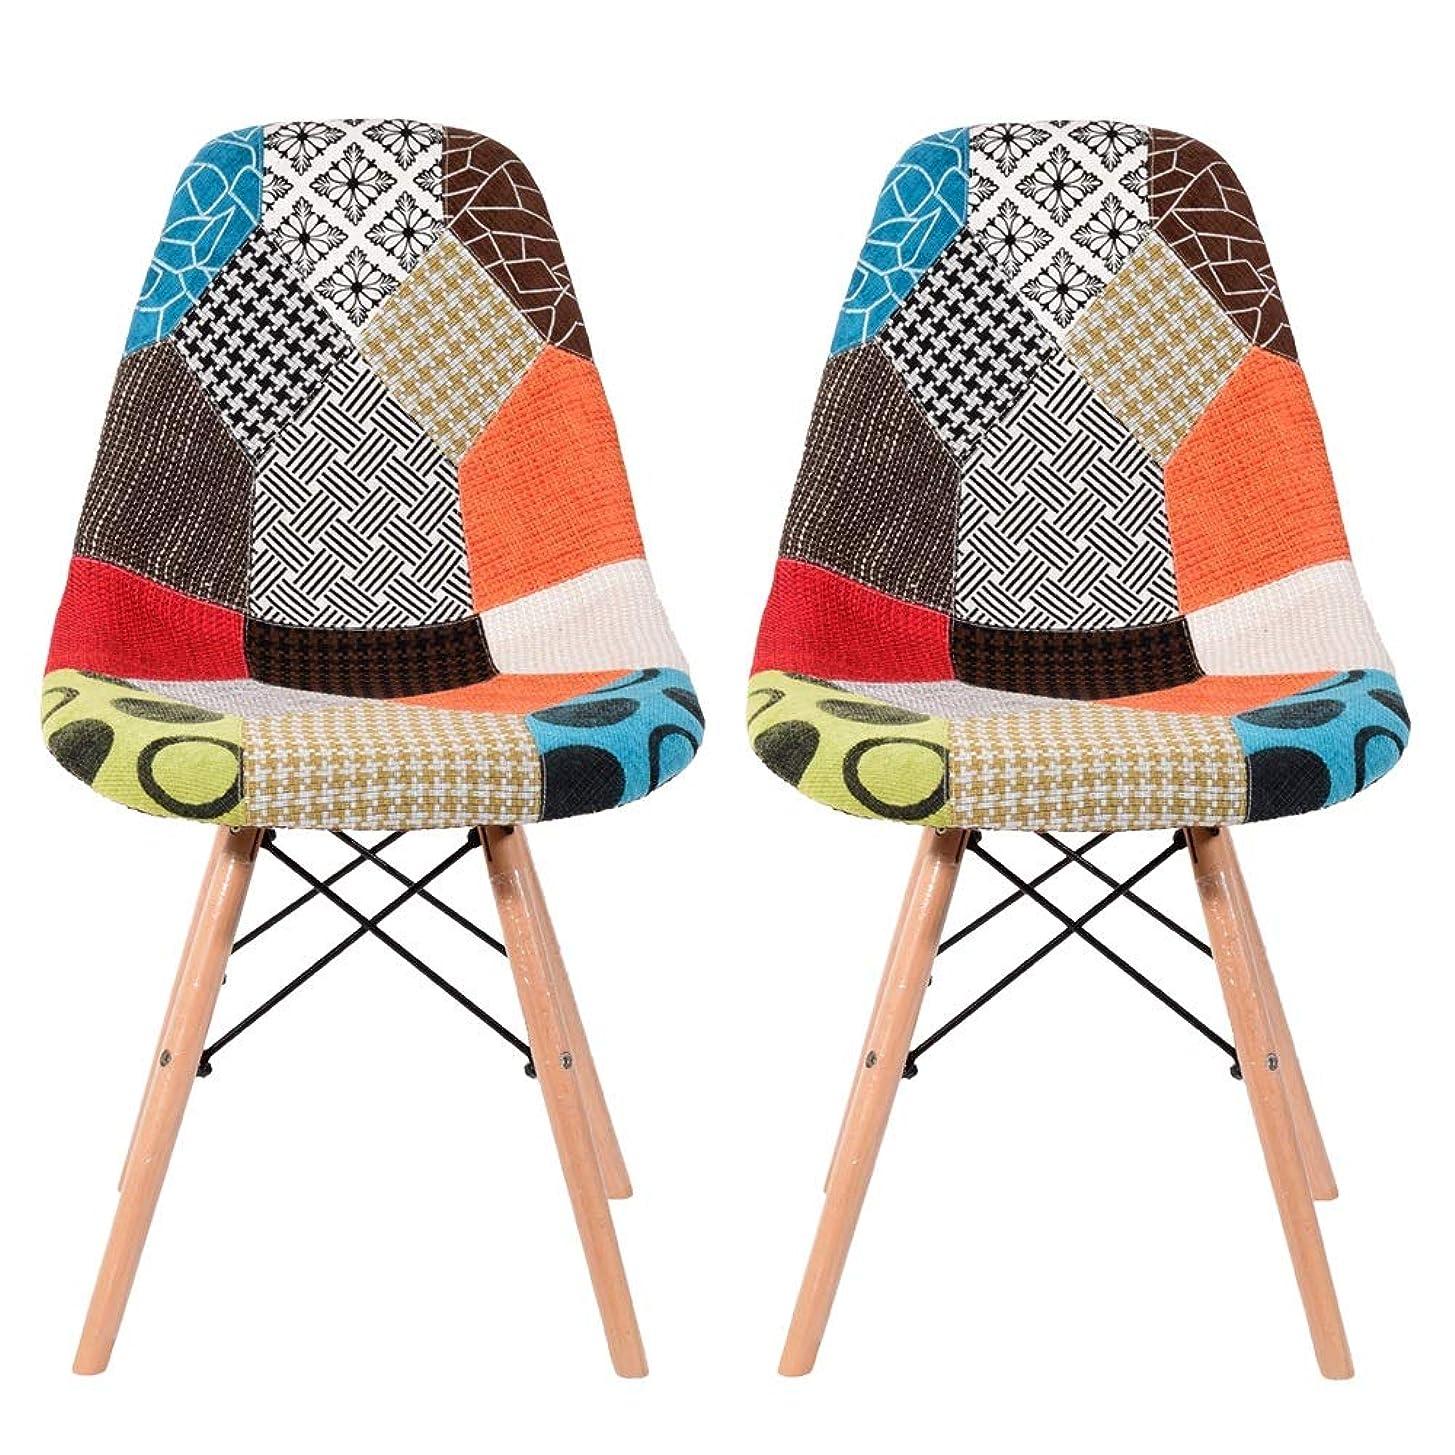 イームズチェア ダイニングチェア デザイナーズ リプロダクト 椅子 食卓椅 2個セット